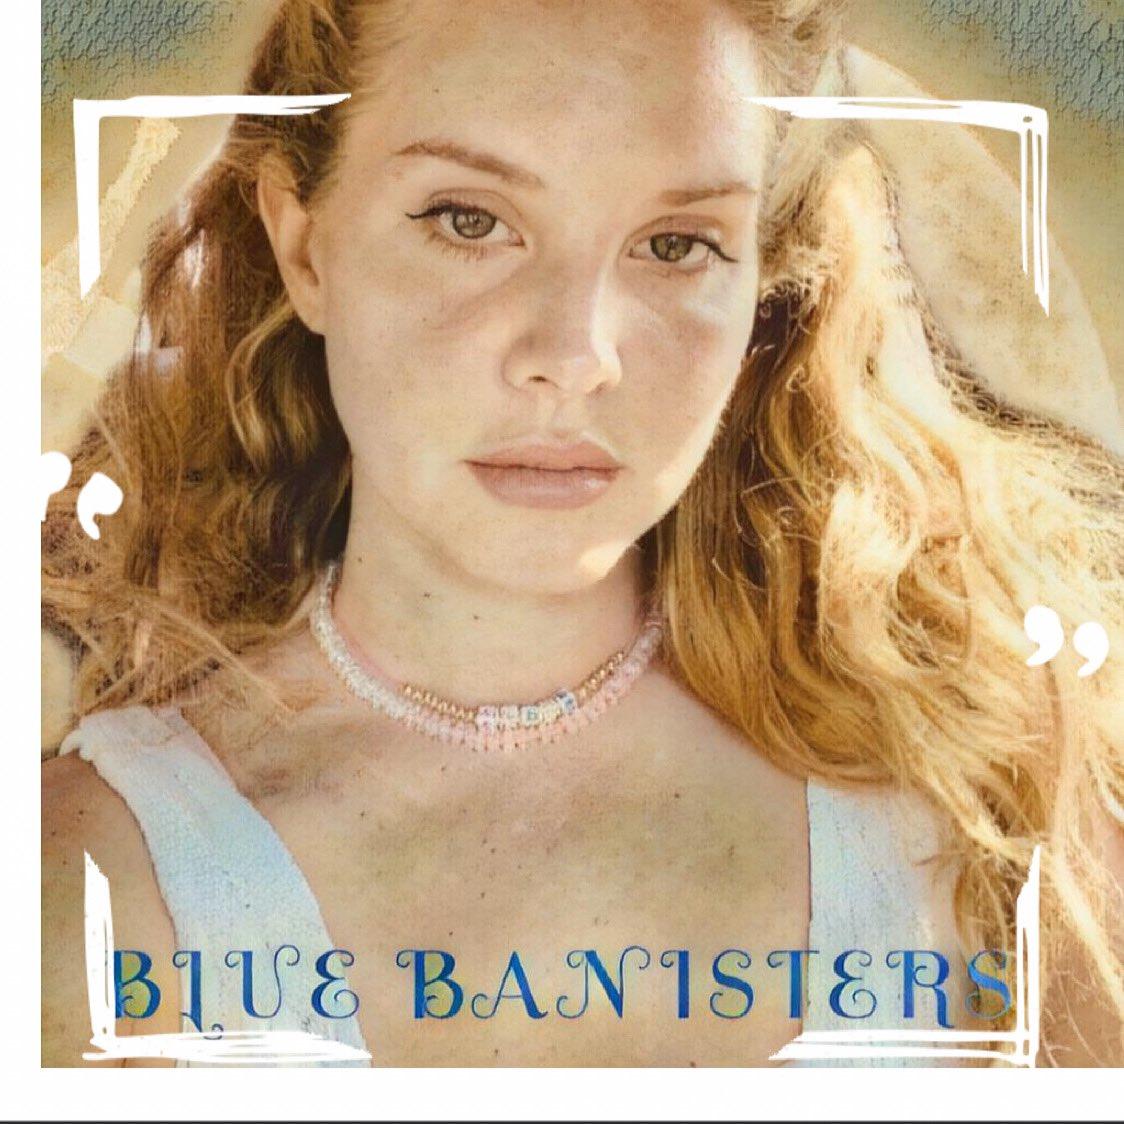 Lana Del Rey revela la fecha de estreno de su nuevo disco, 'Blue Banisters'